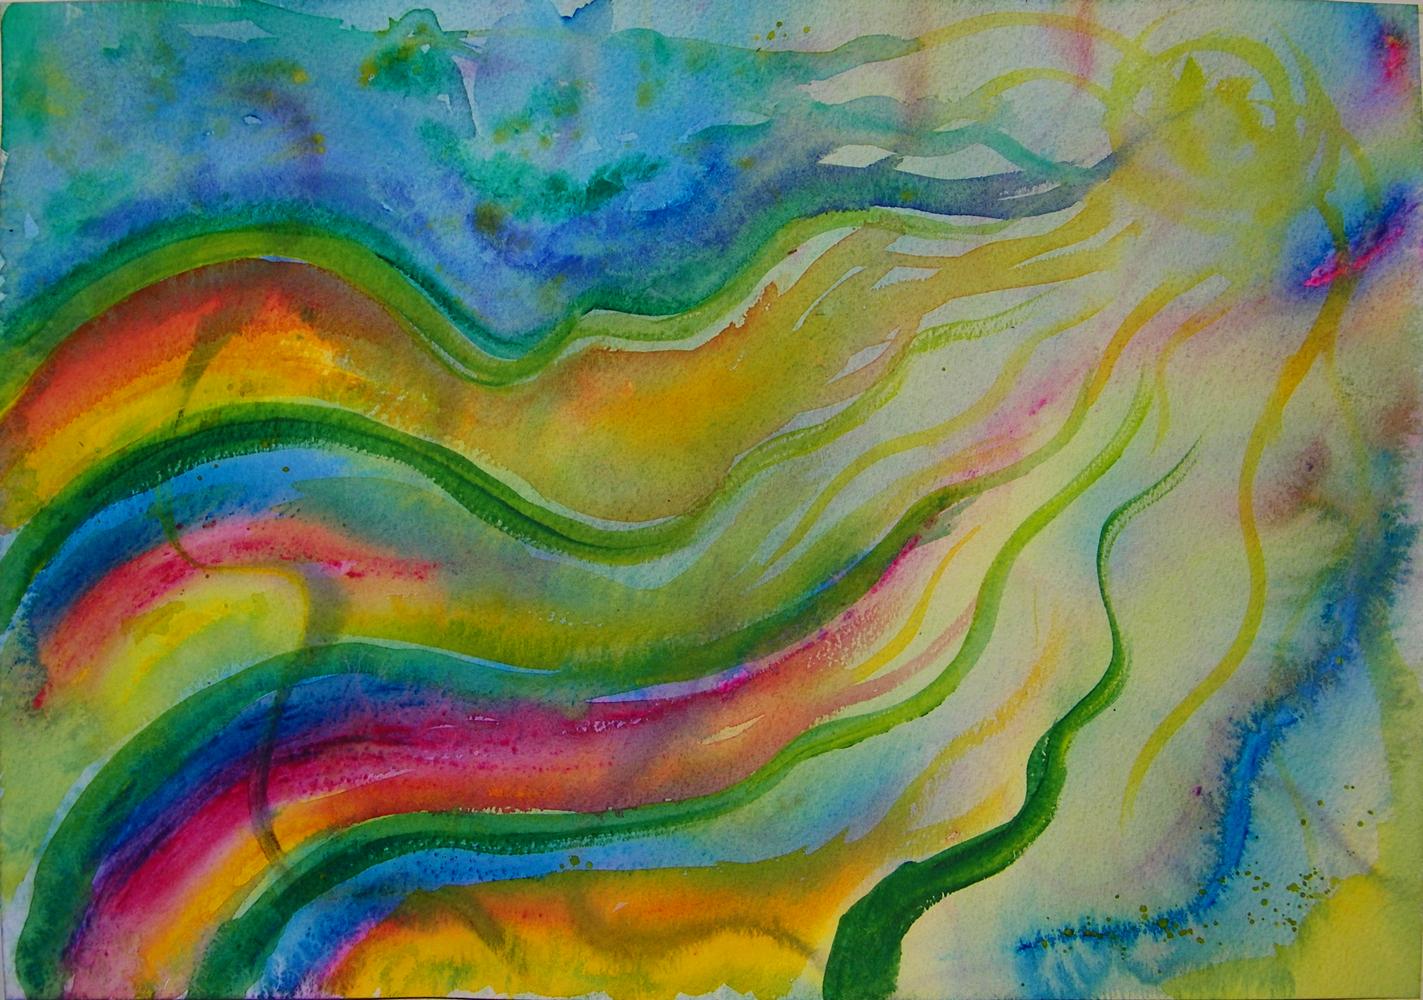 Nan-in-nat schildering met acrylverf - ademen